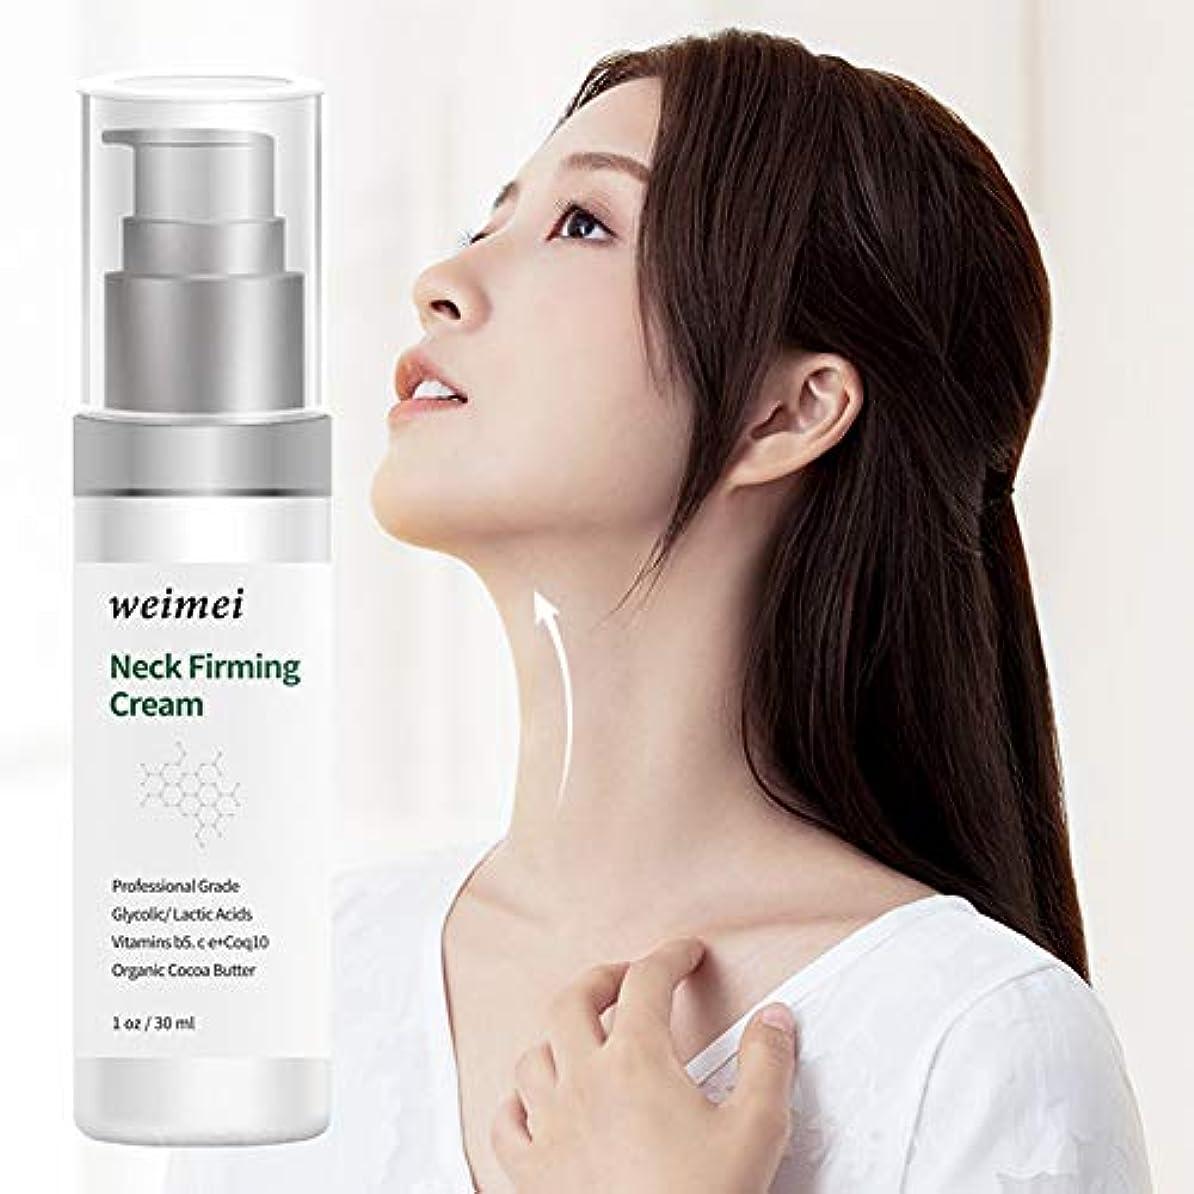 好きである不愉快に間接的Balai ネックファーミングクリーム 首のしわを効果的に除去し 首の皮膚製品を白くします。